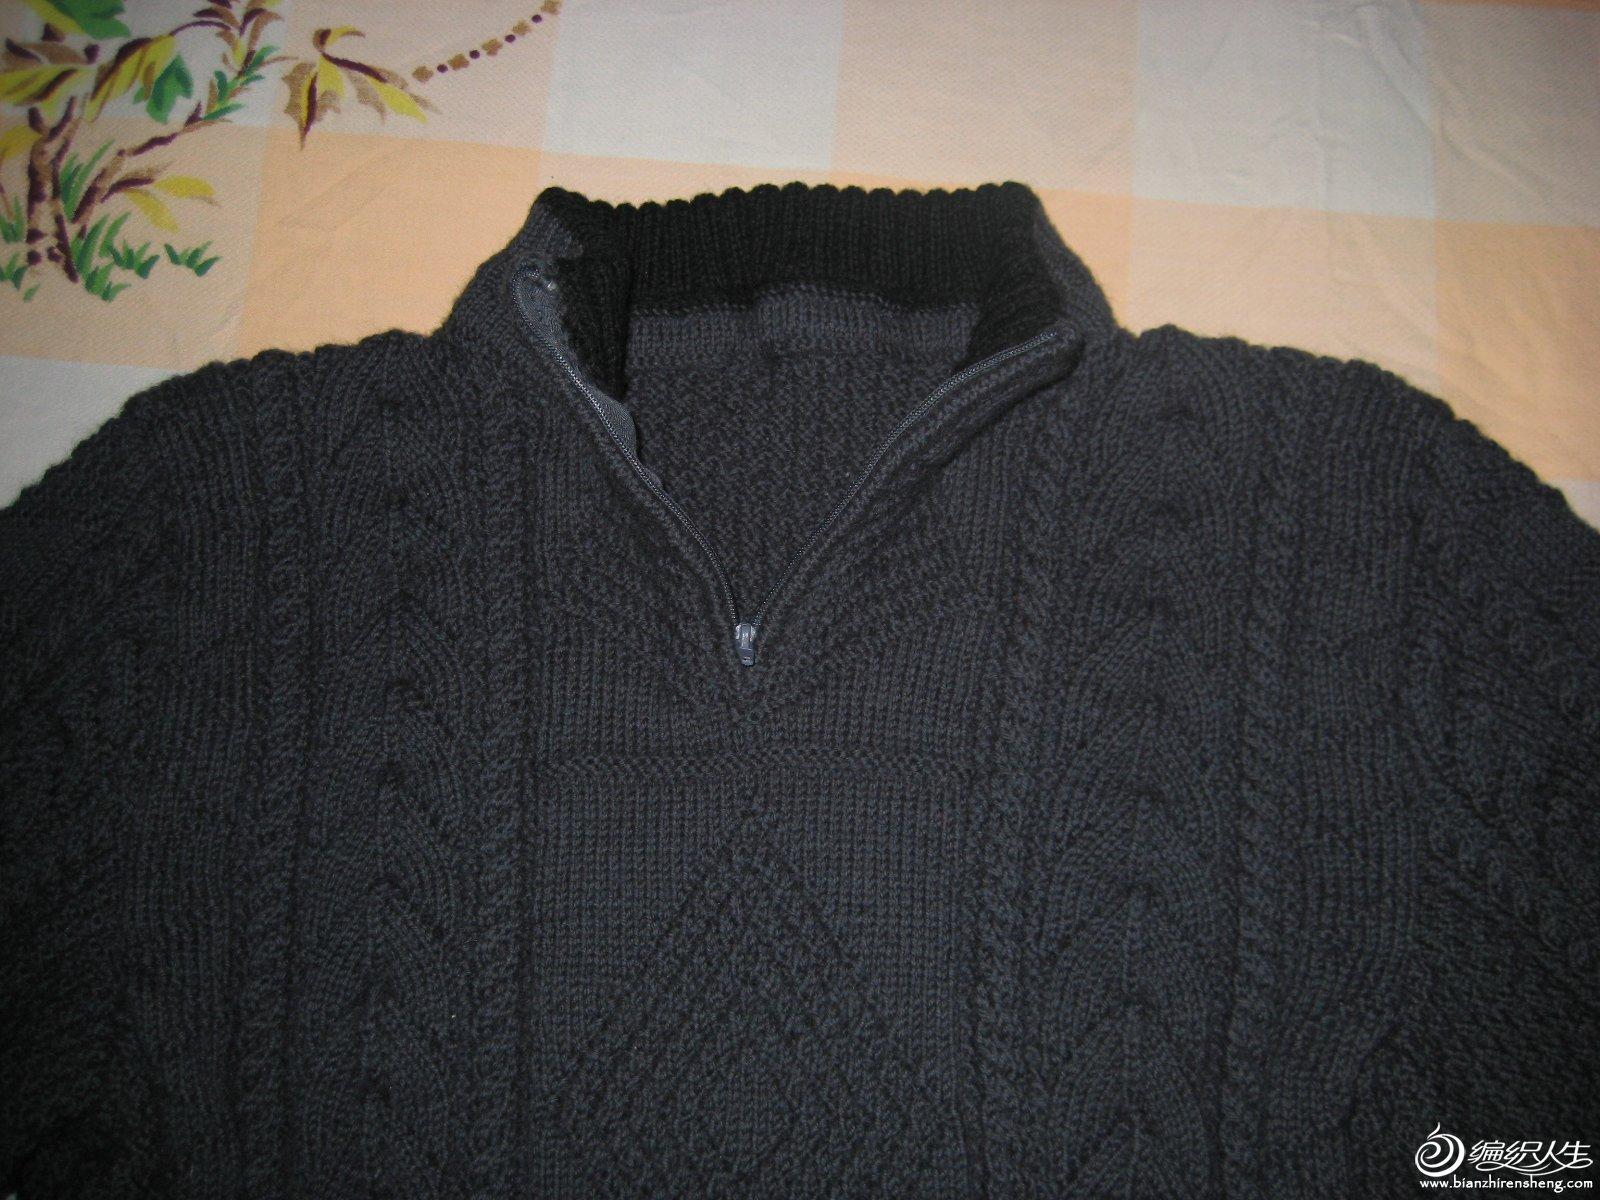 衣领内用的黑色。